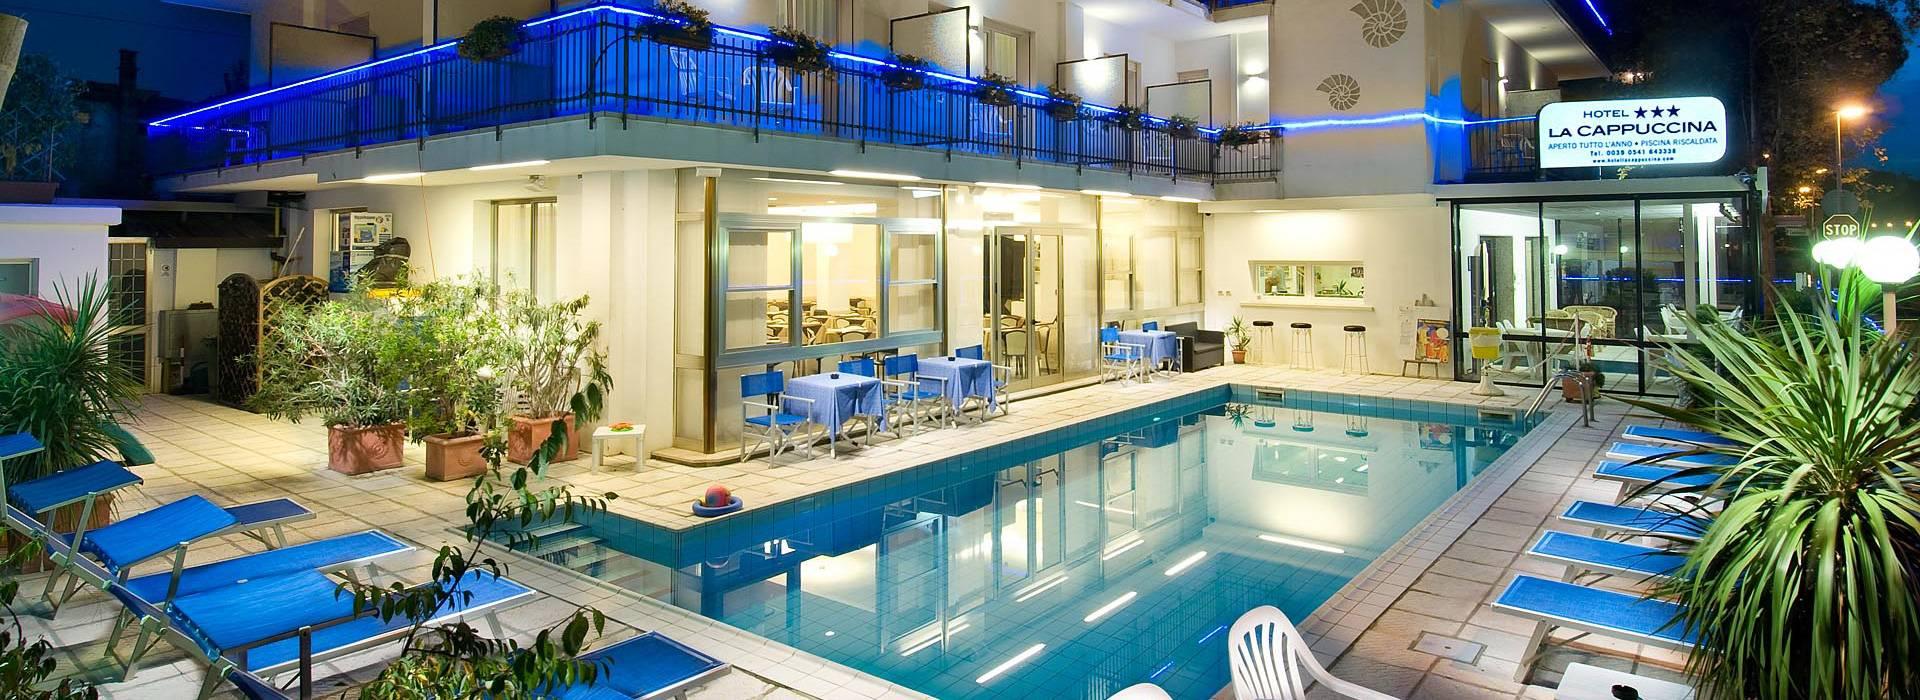 Hotel 3 stelle riccione albergo con piscina prenotazione alberghi hotel la cappuccina - Albergo con piscina in camera ...